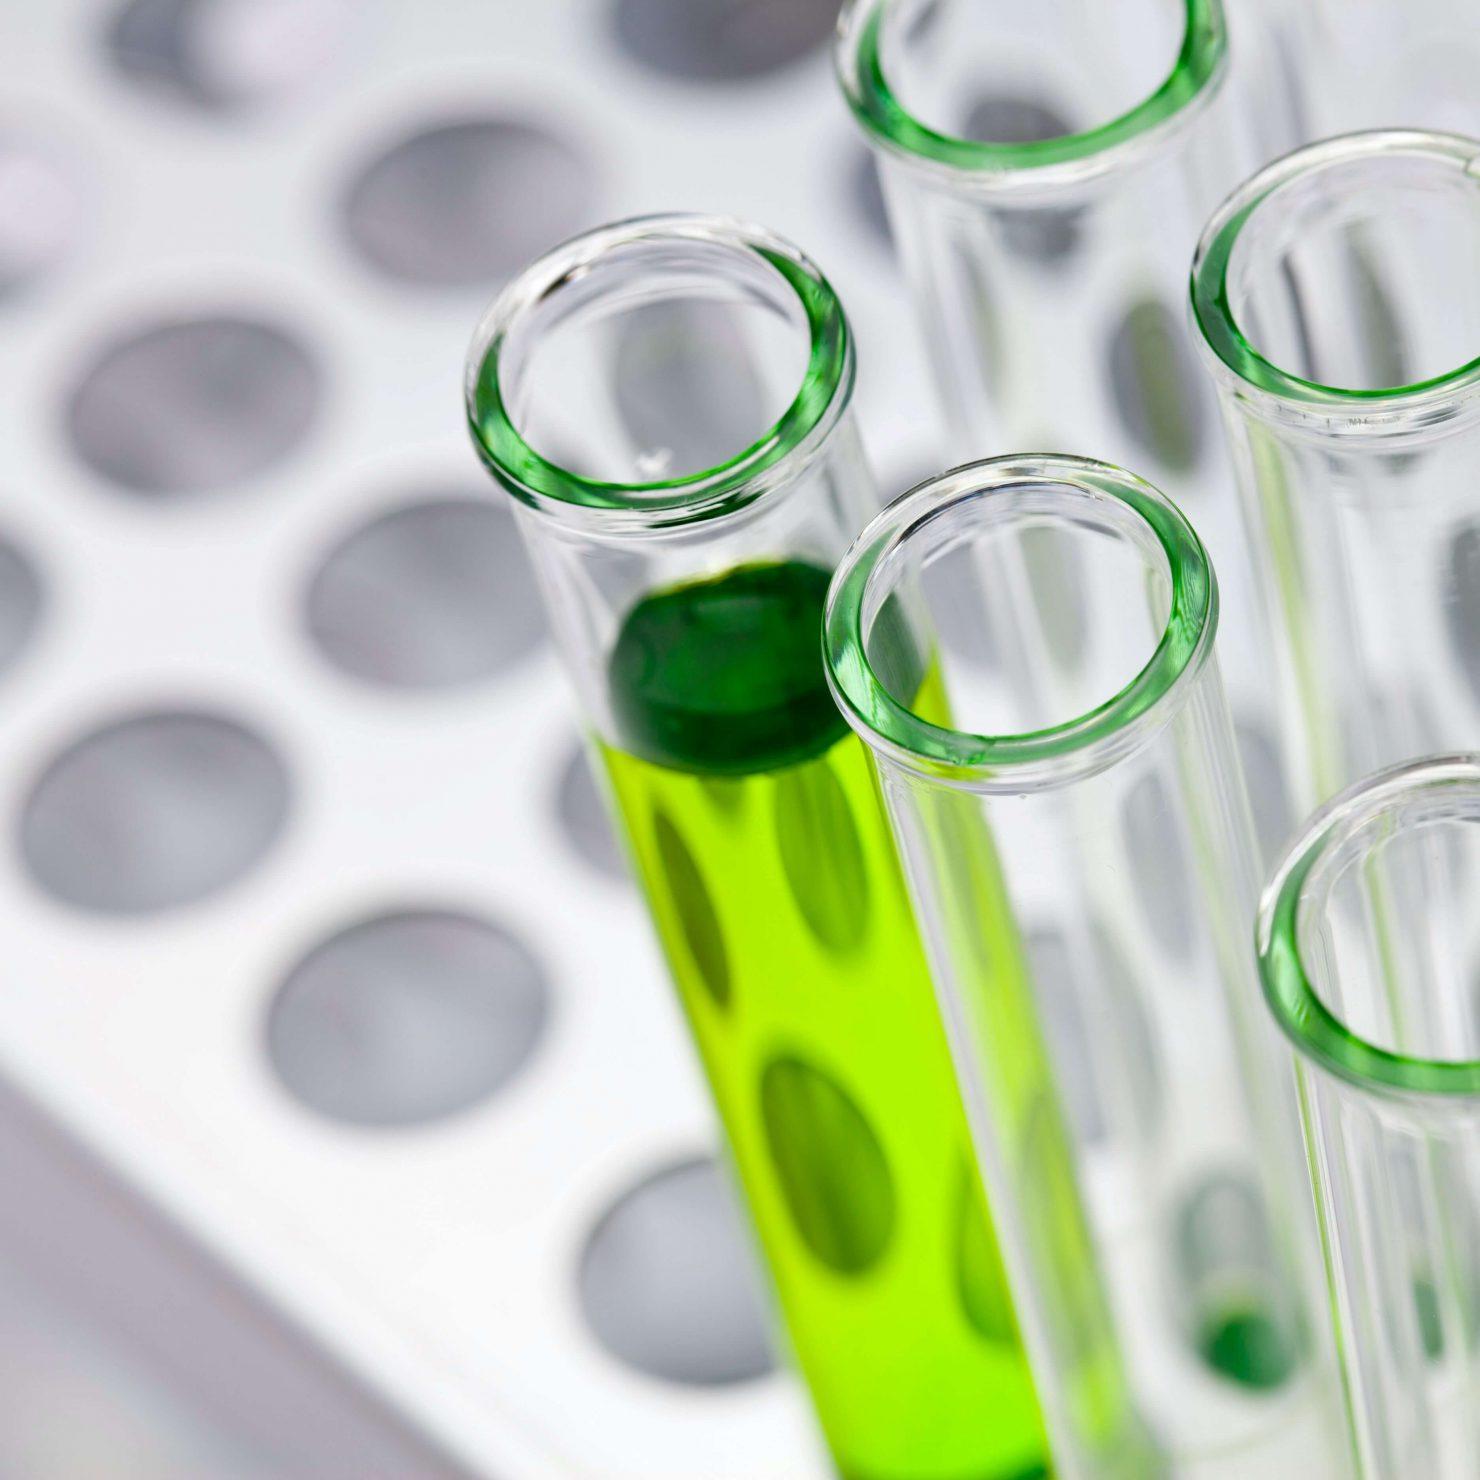 バイオスティミュラントとは?|農作物の生産量や品質を向上する資材